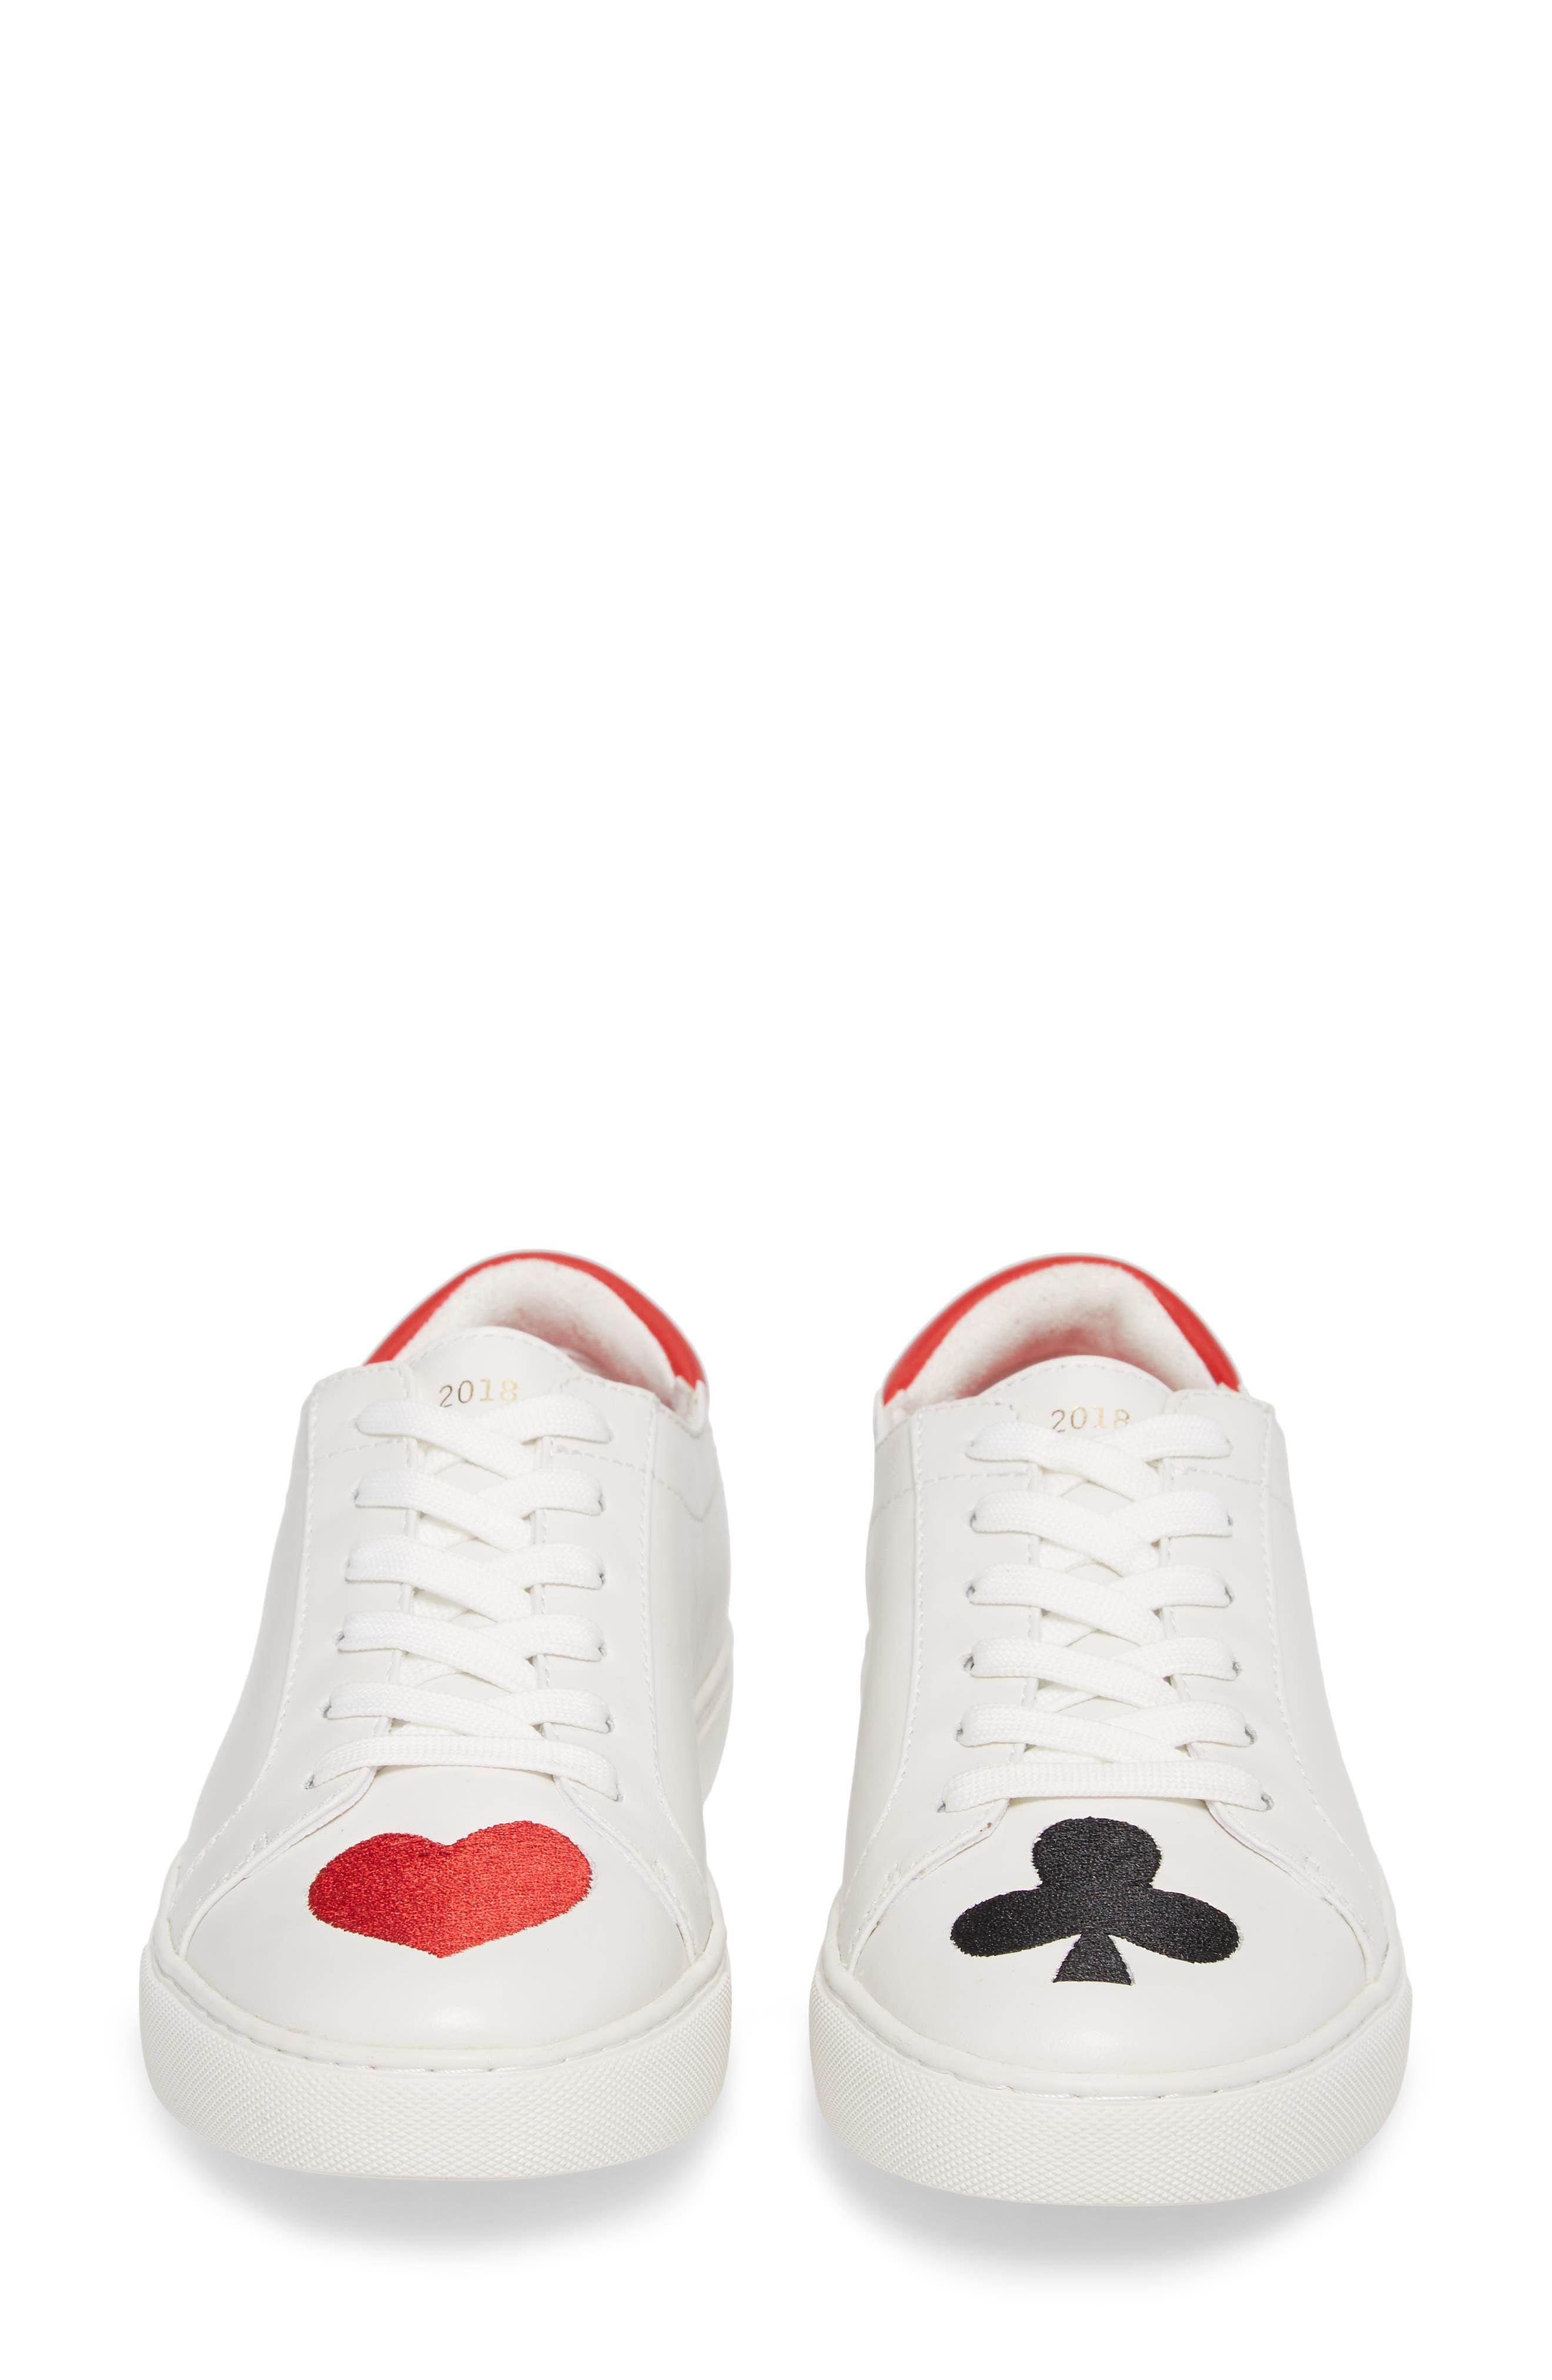 'Kam' Sneaker,                             Alternate thumbnail 5, color,                             White Red Black Leather